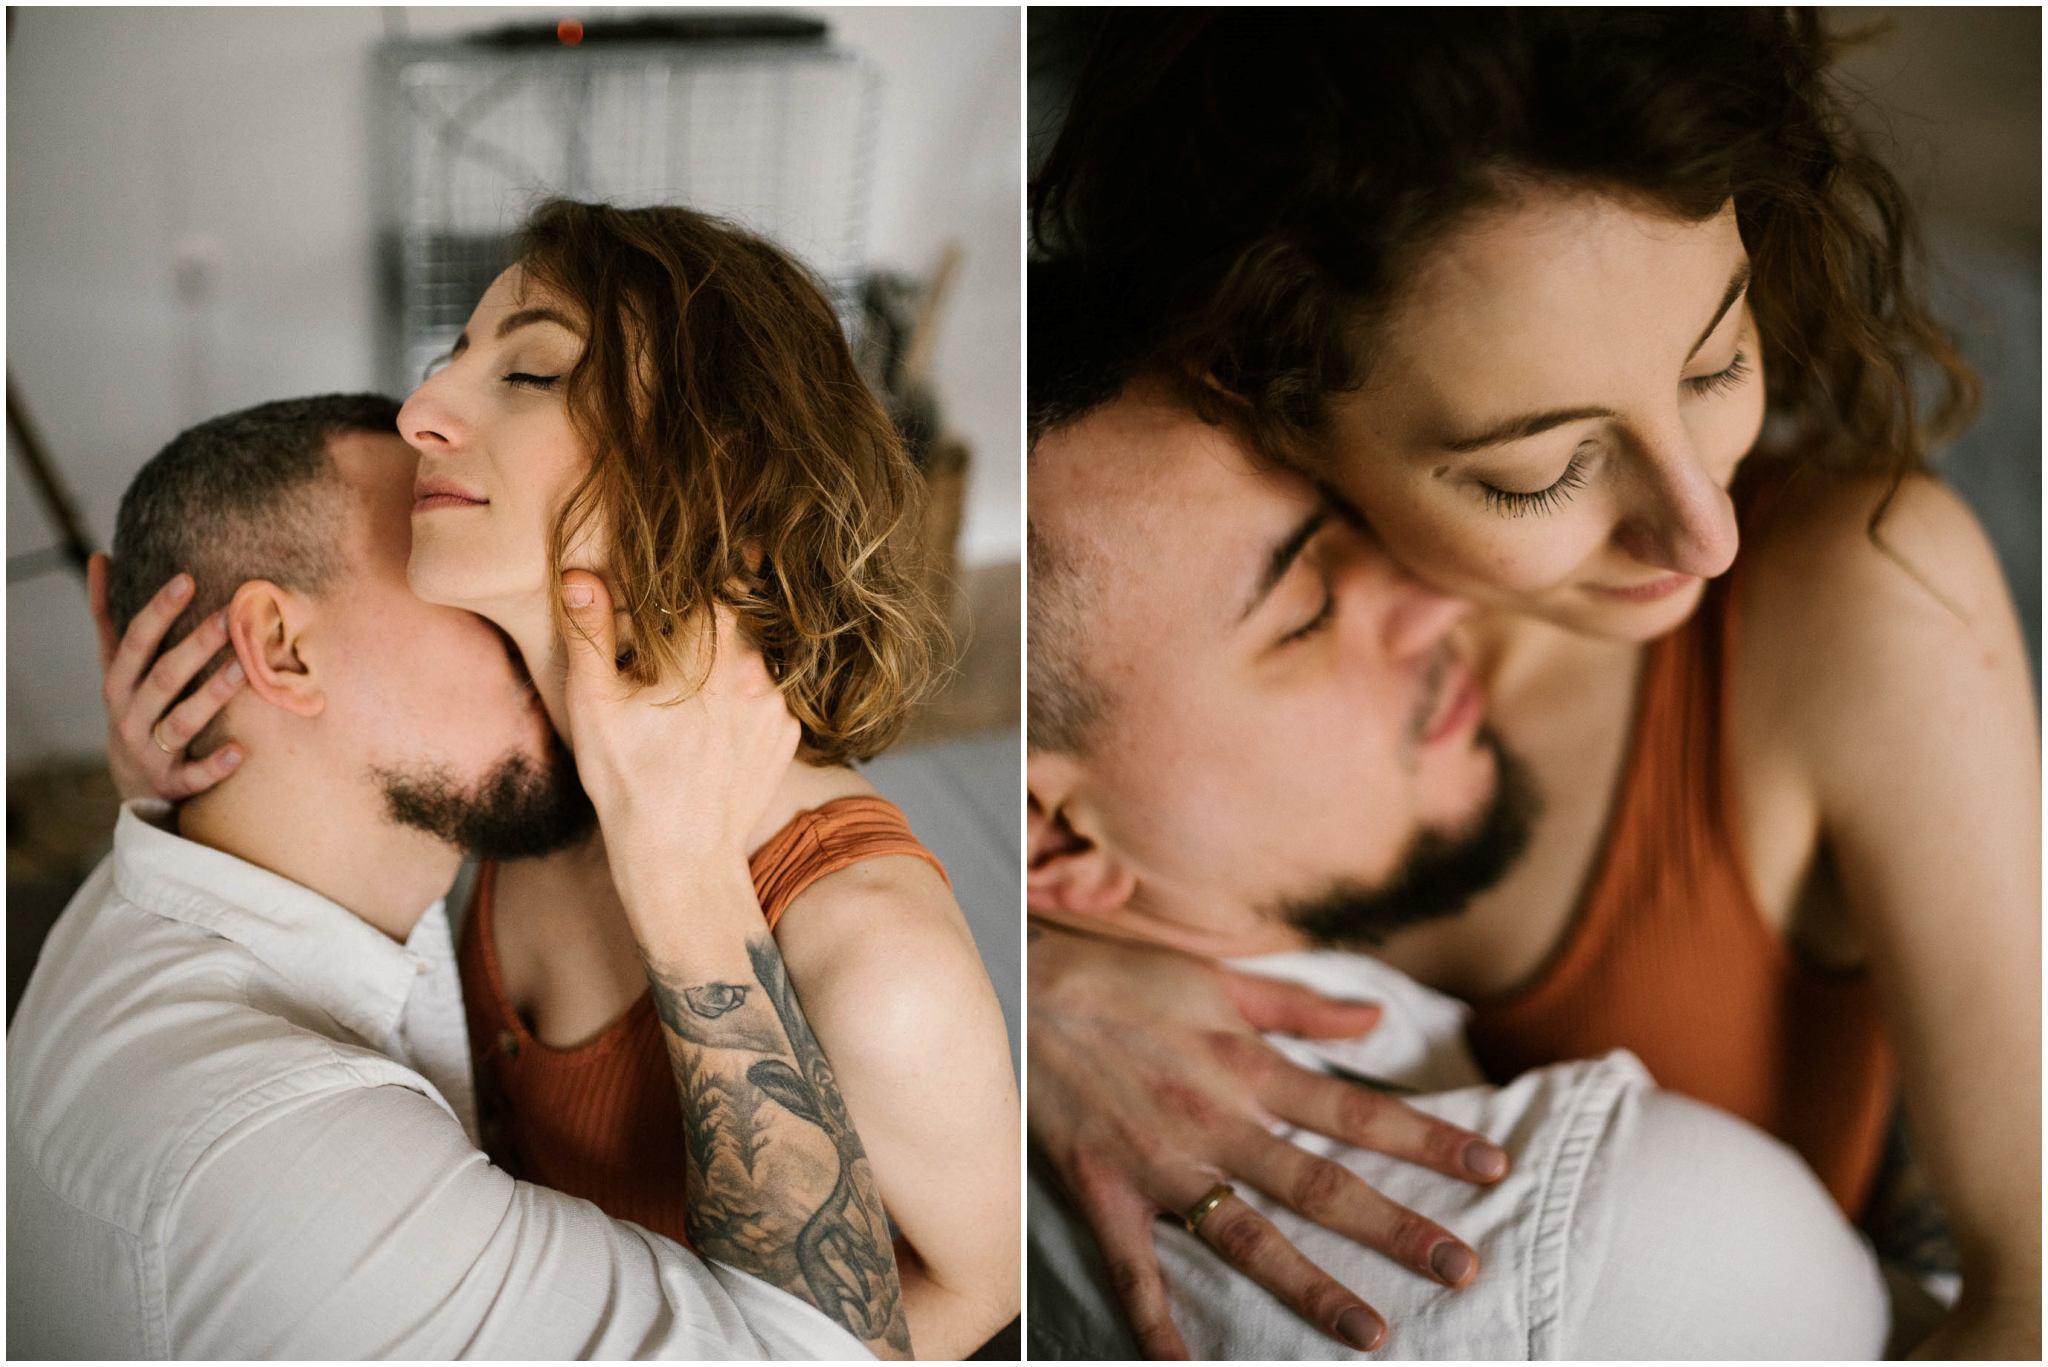 Mąż całuje żonę i ją przytula - sesja sensualna pary lifestyle w Poznaniu